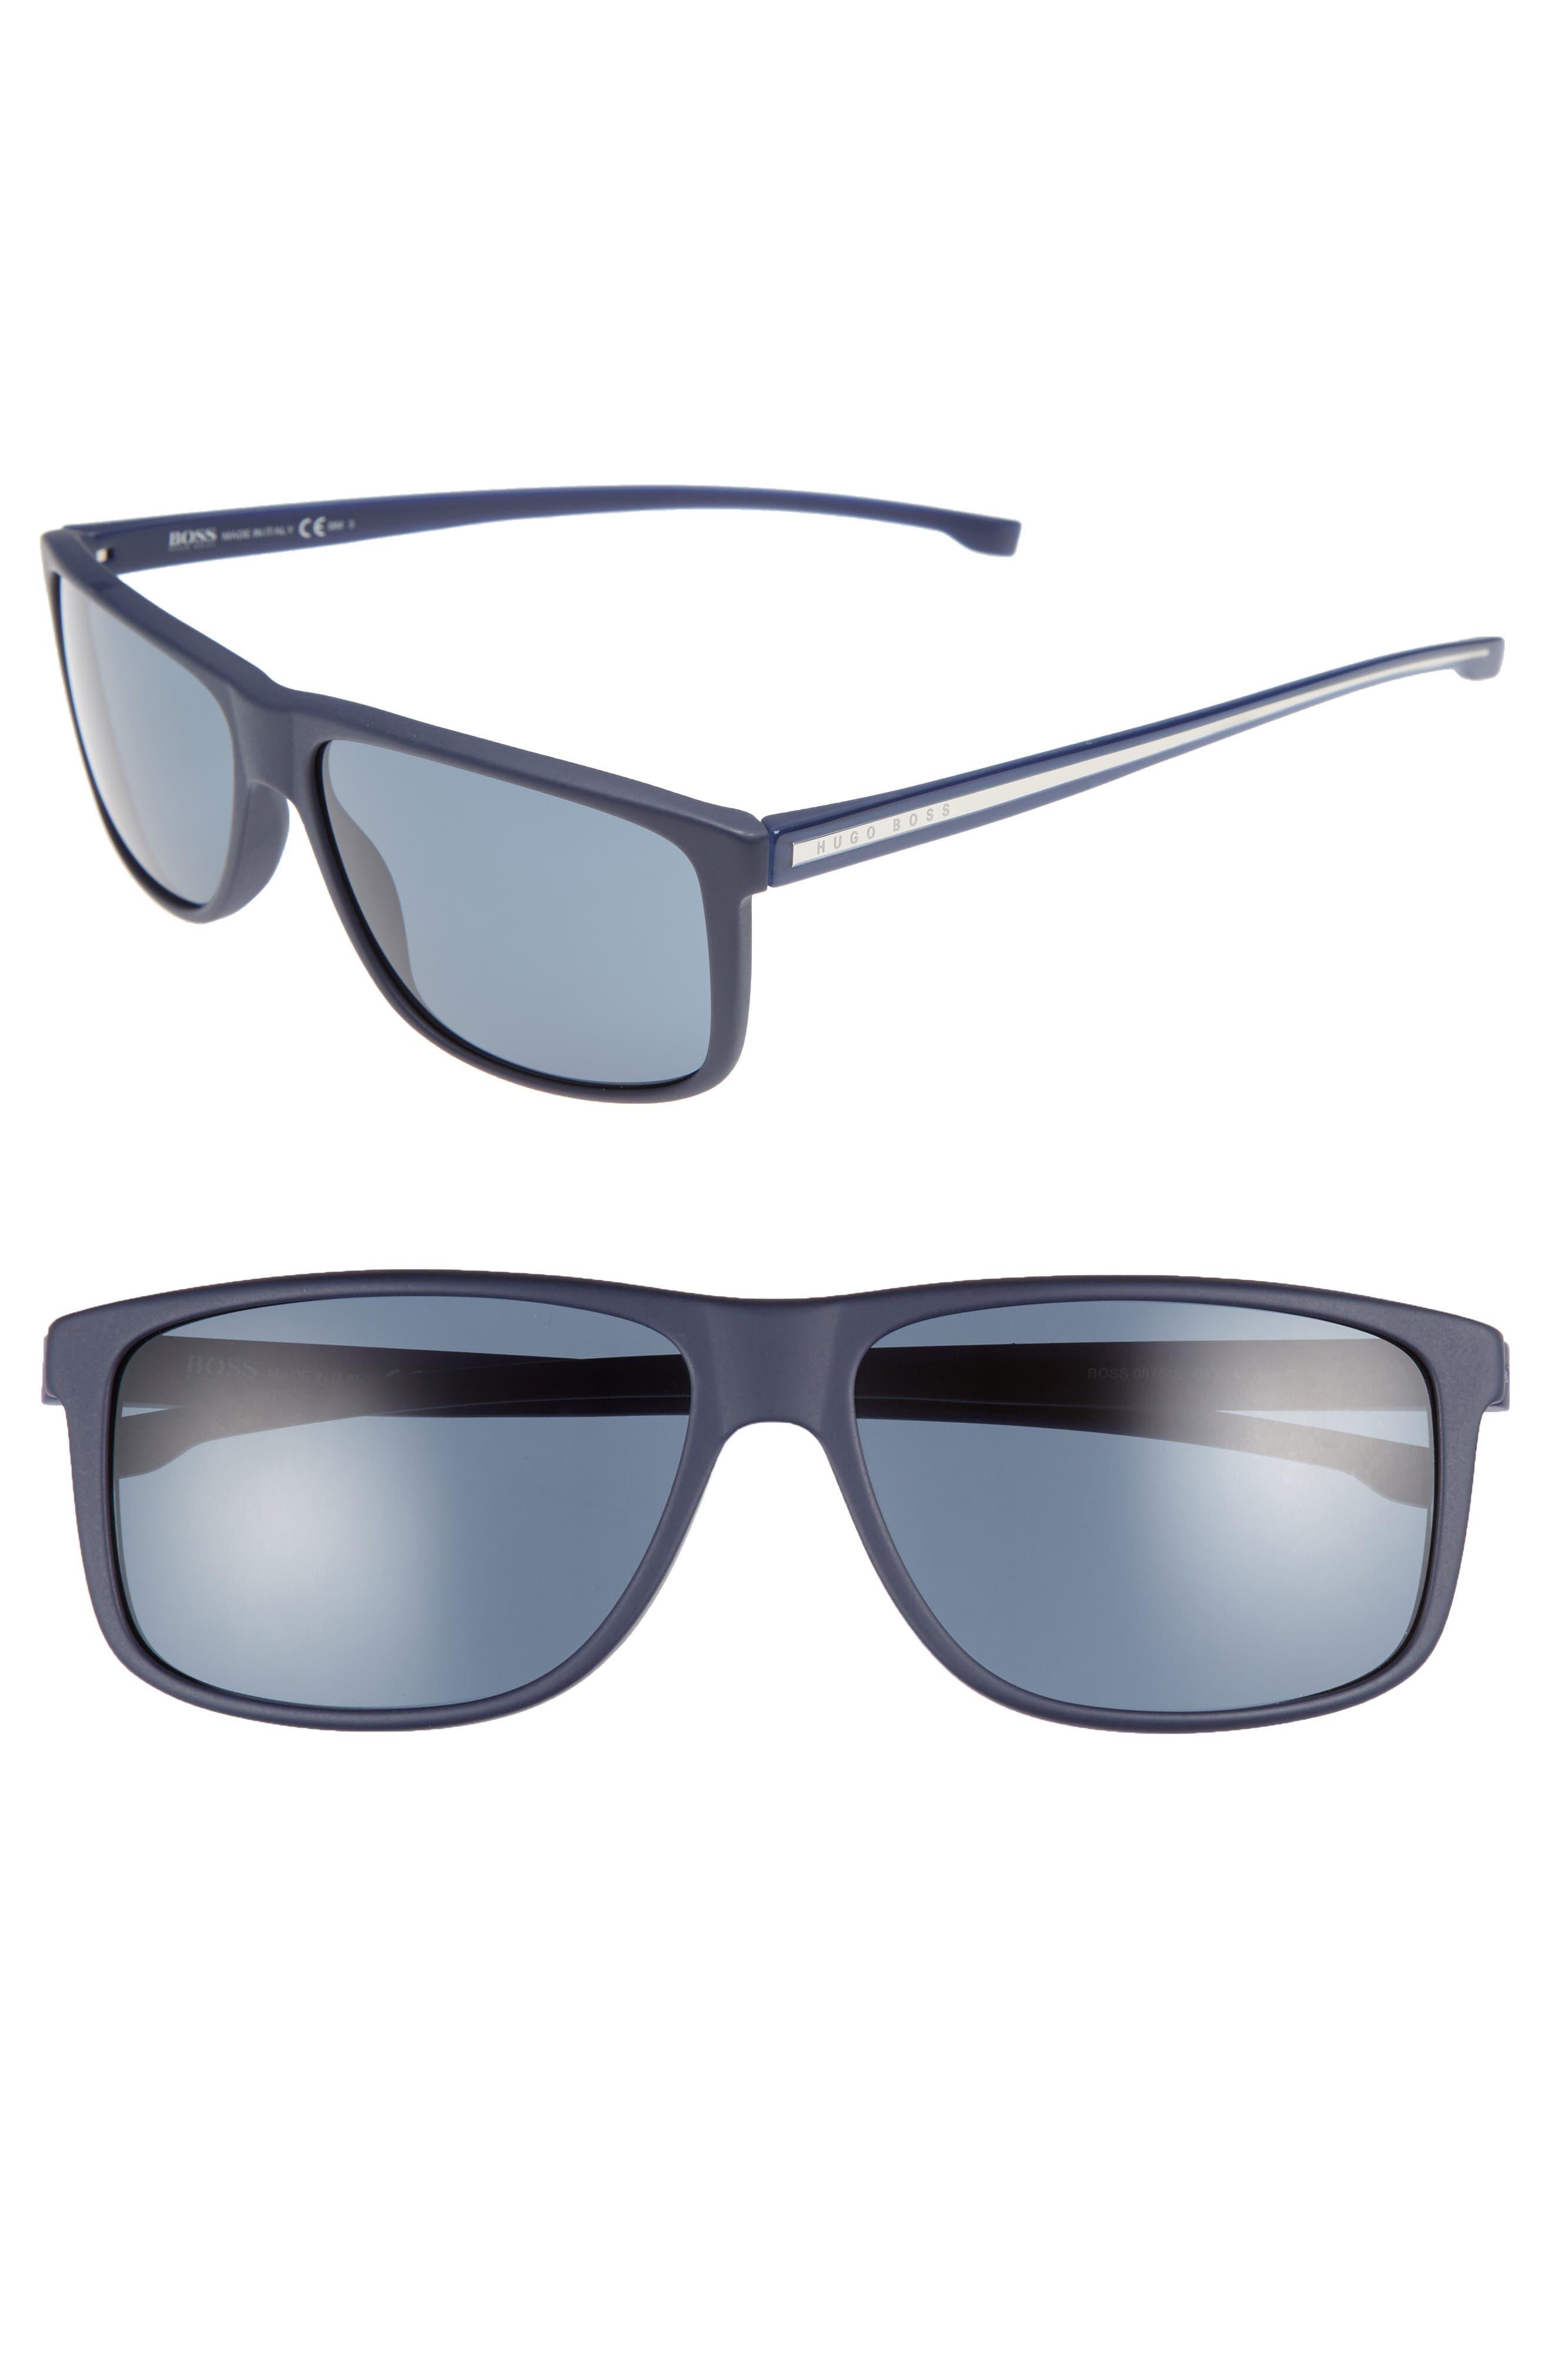 60mm Sunglasses,                         Main,                         color, Blue/ Blue